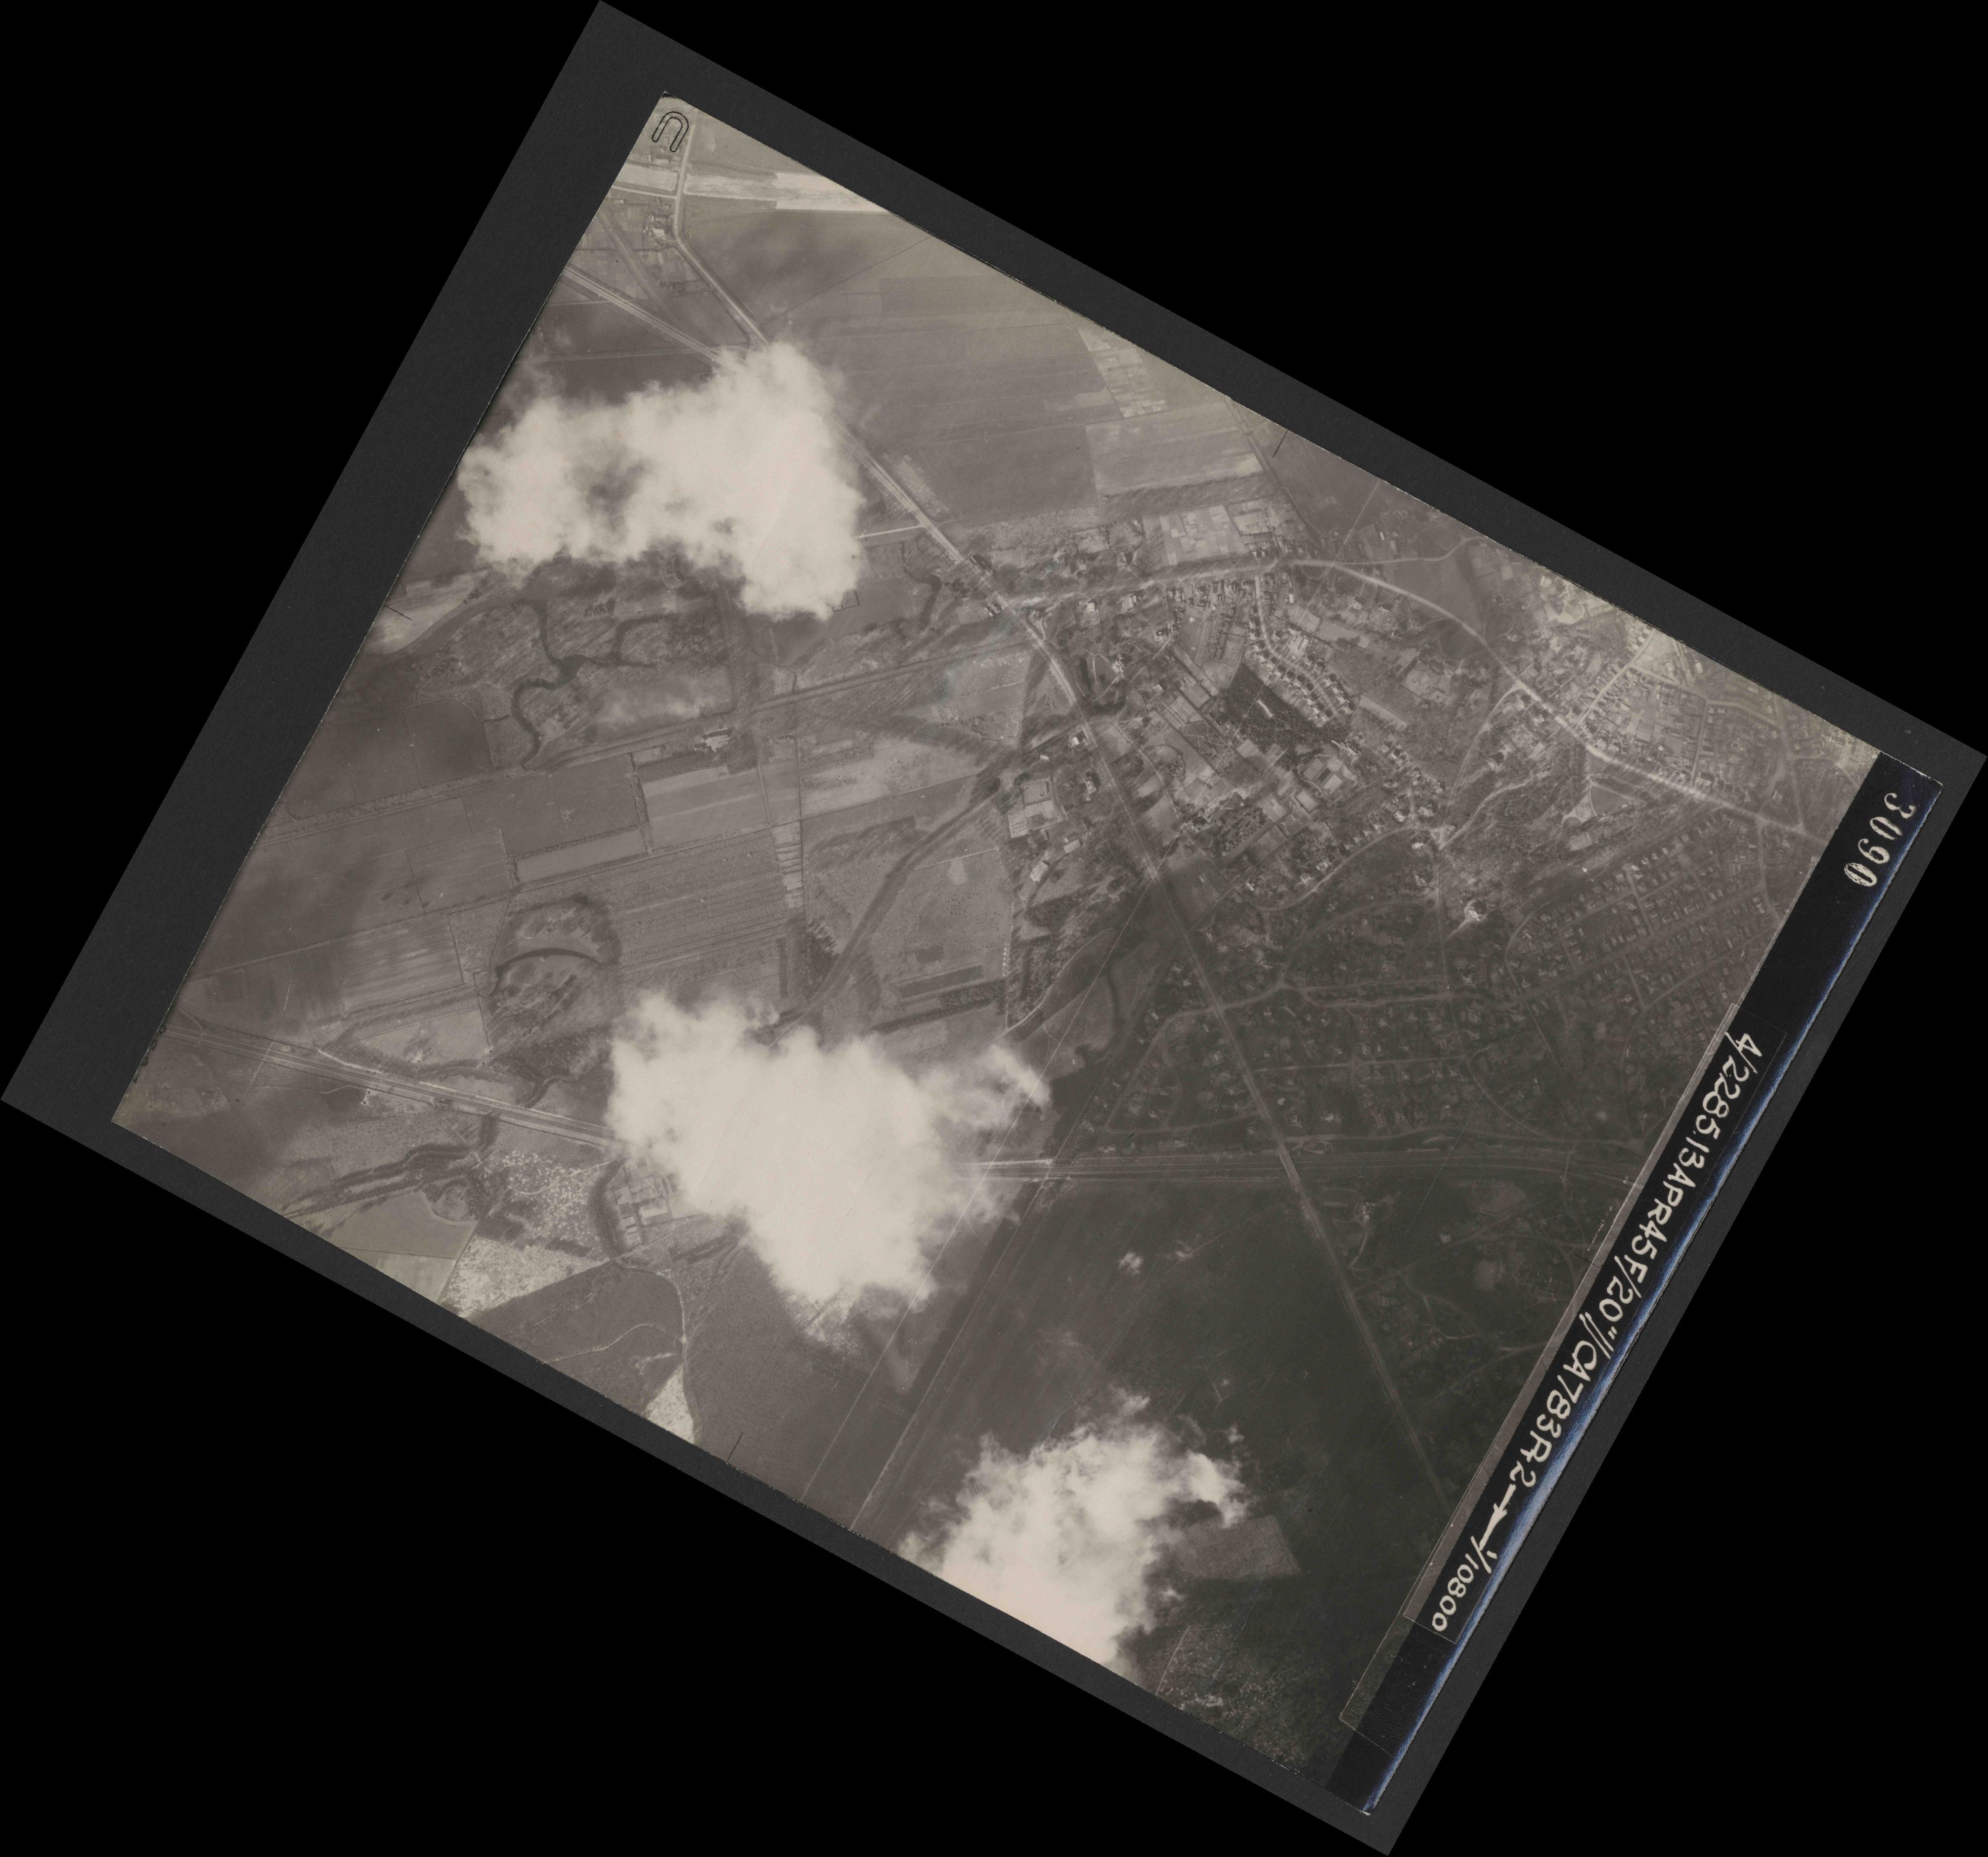 Collection RAF aerial photos 1940-1945 - flight 138, run 02, photo 3090